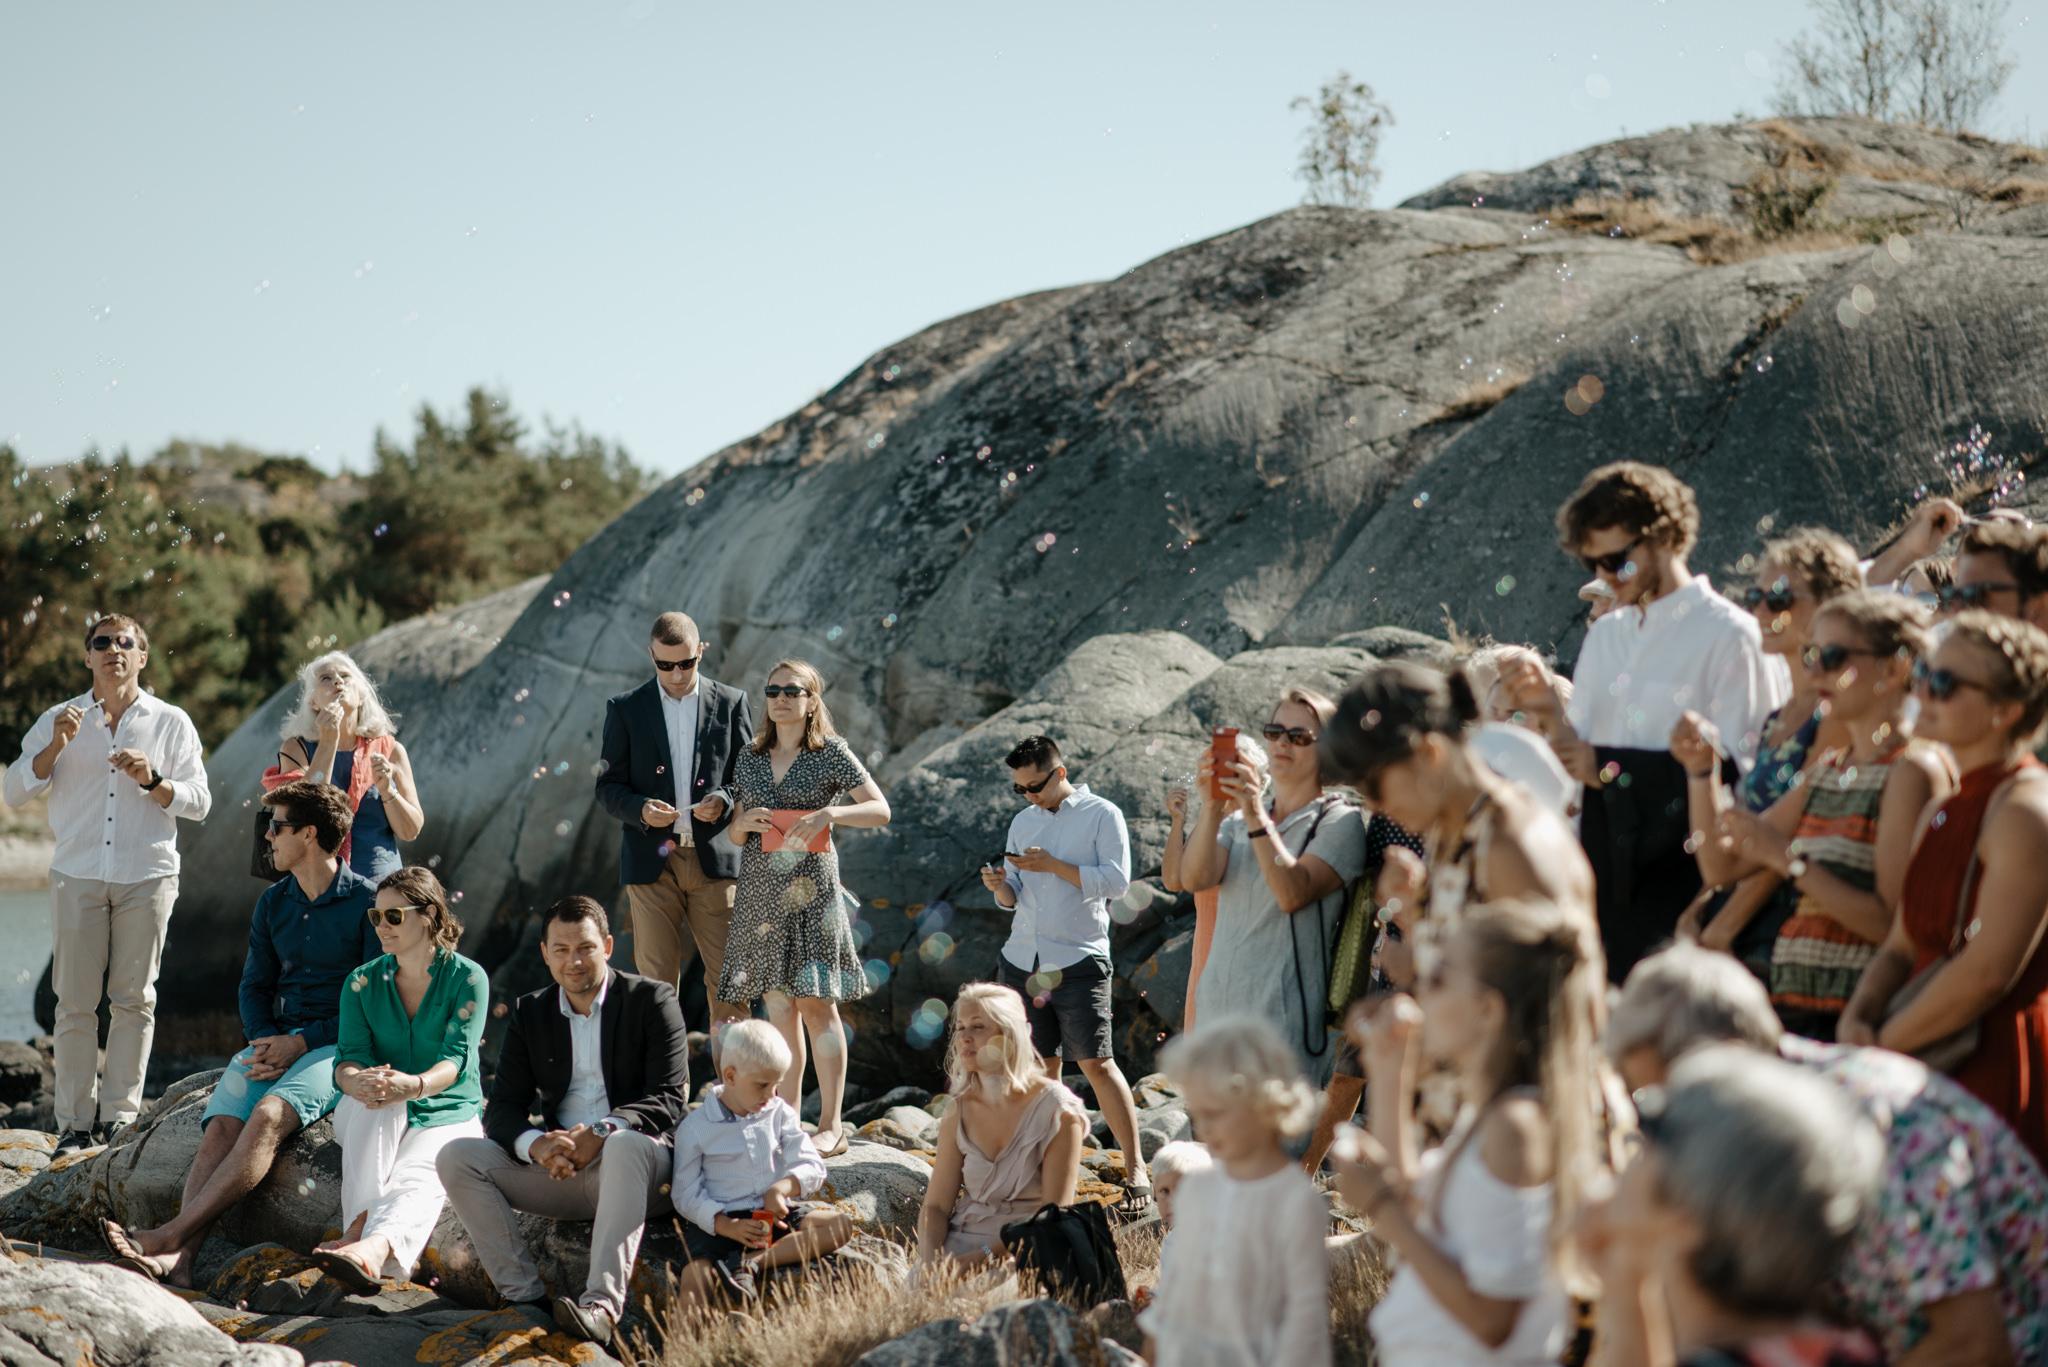 Såpbubblor på bröllop